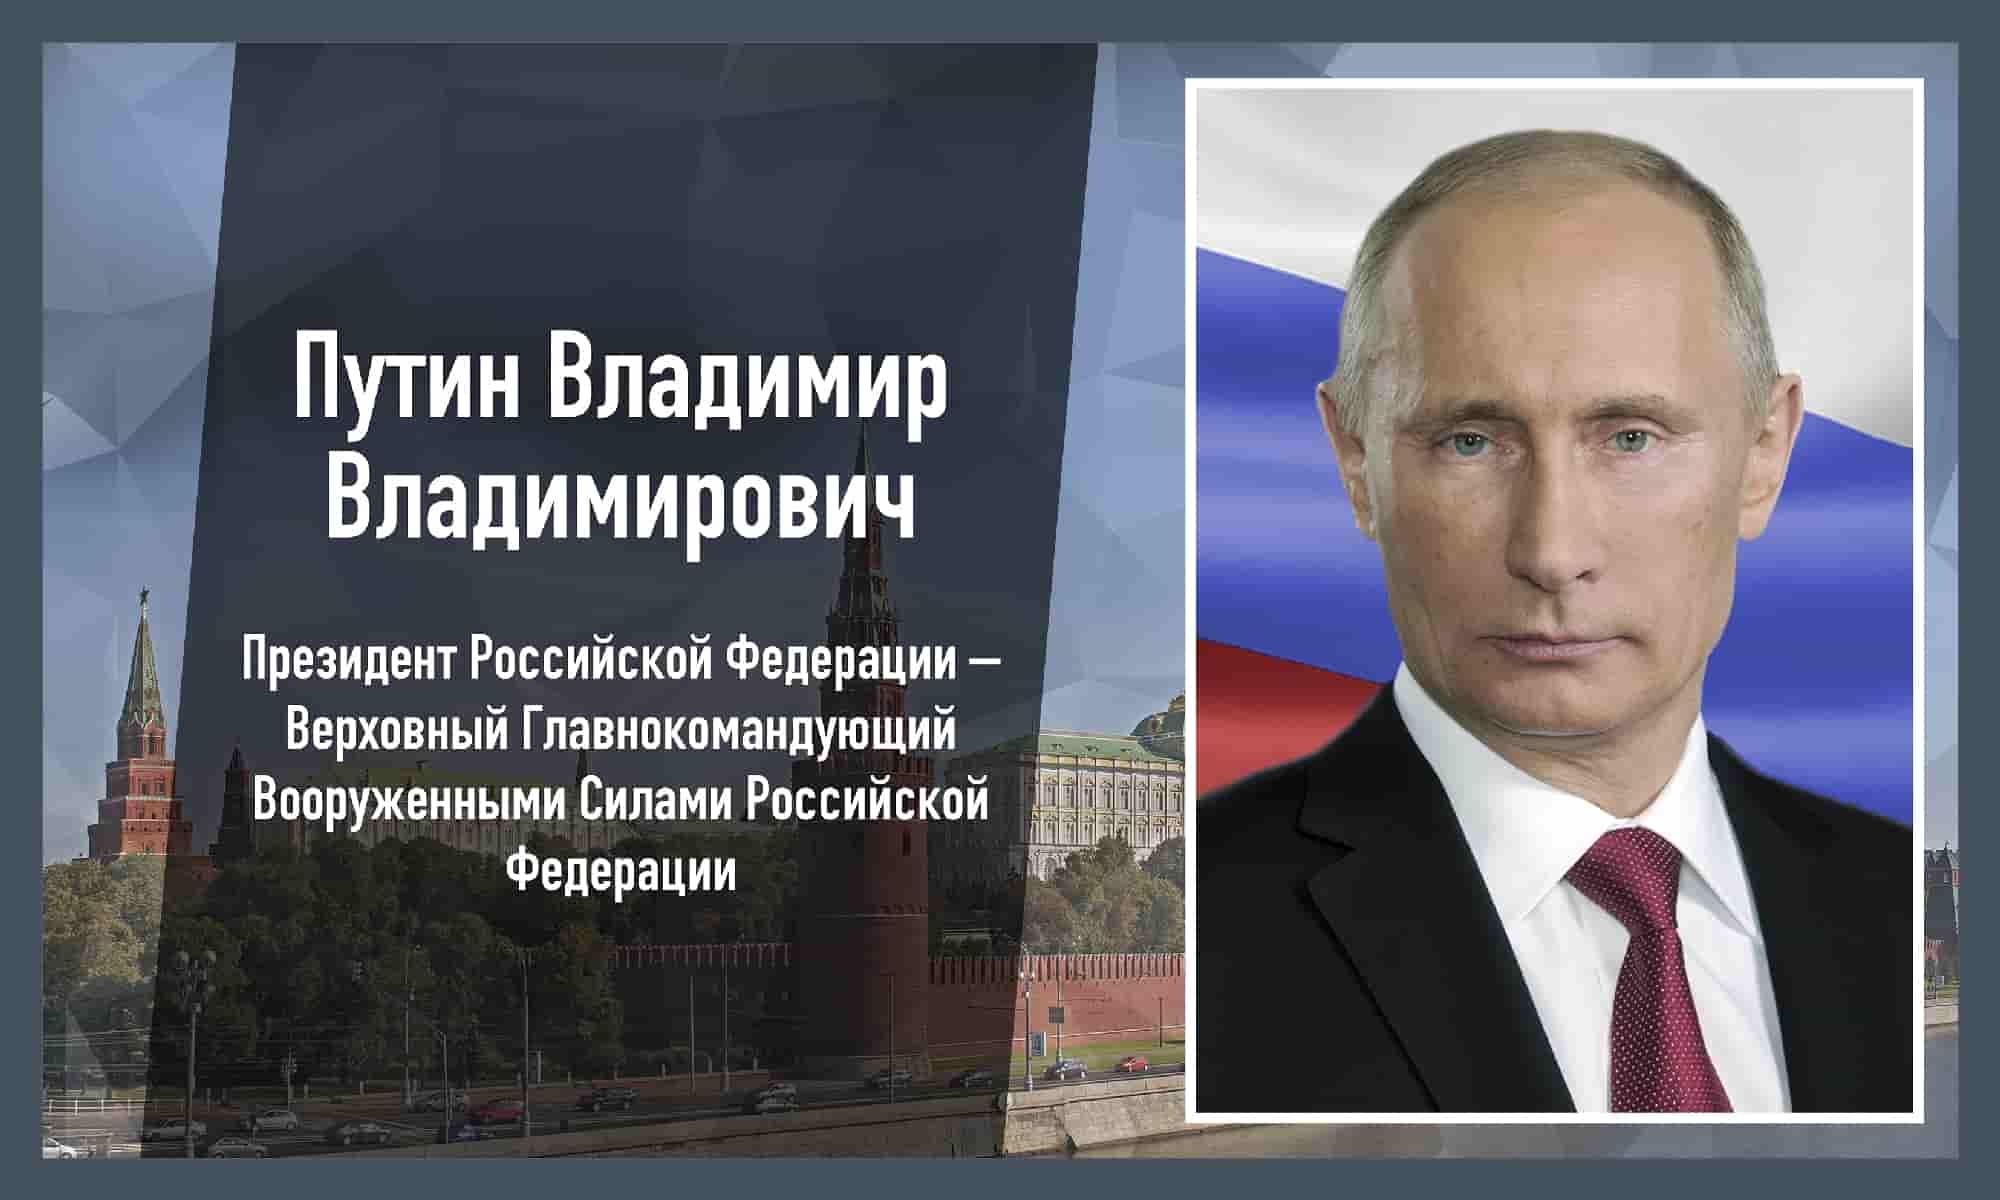 10-prezident-rossijskoj-federacii-kollazh